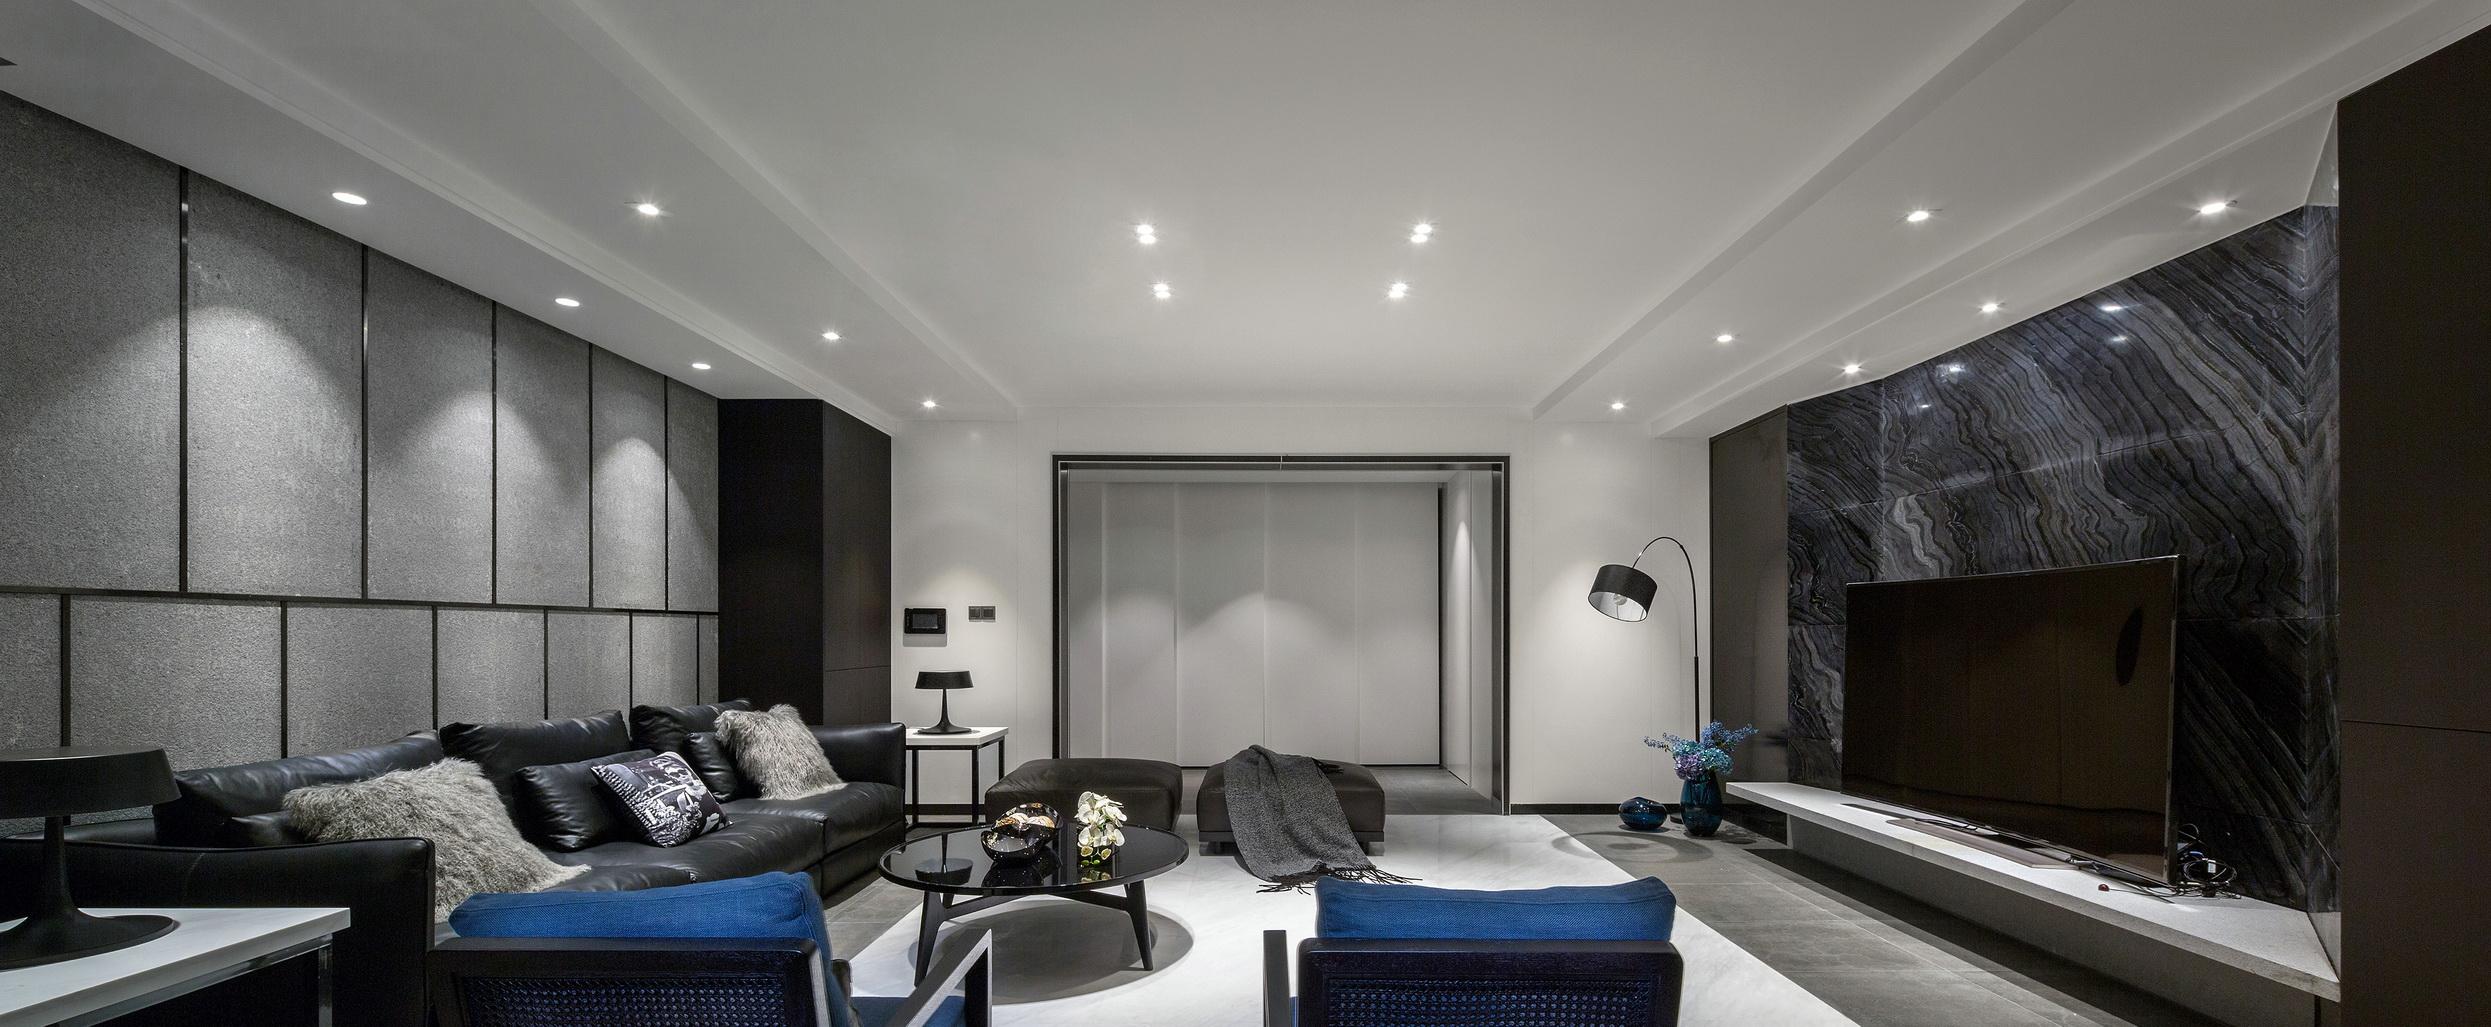 客厅的顶面以精美的吊顶设计,整个墙面以灰白黑组成简单华丽